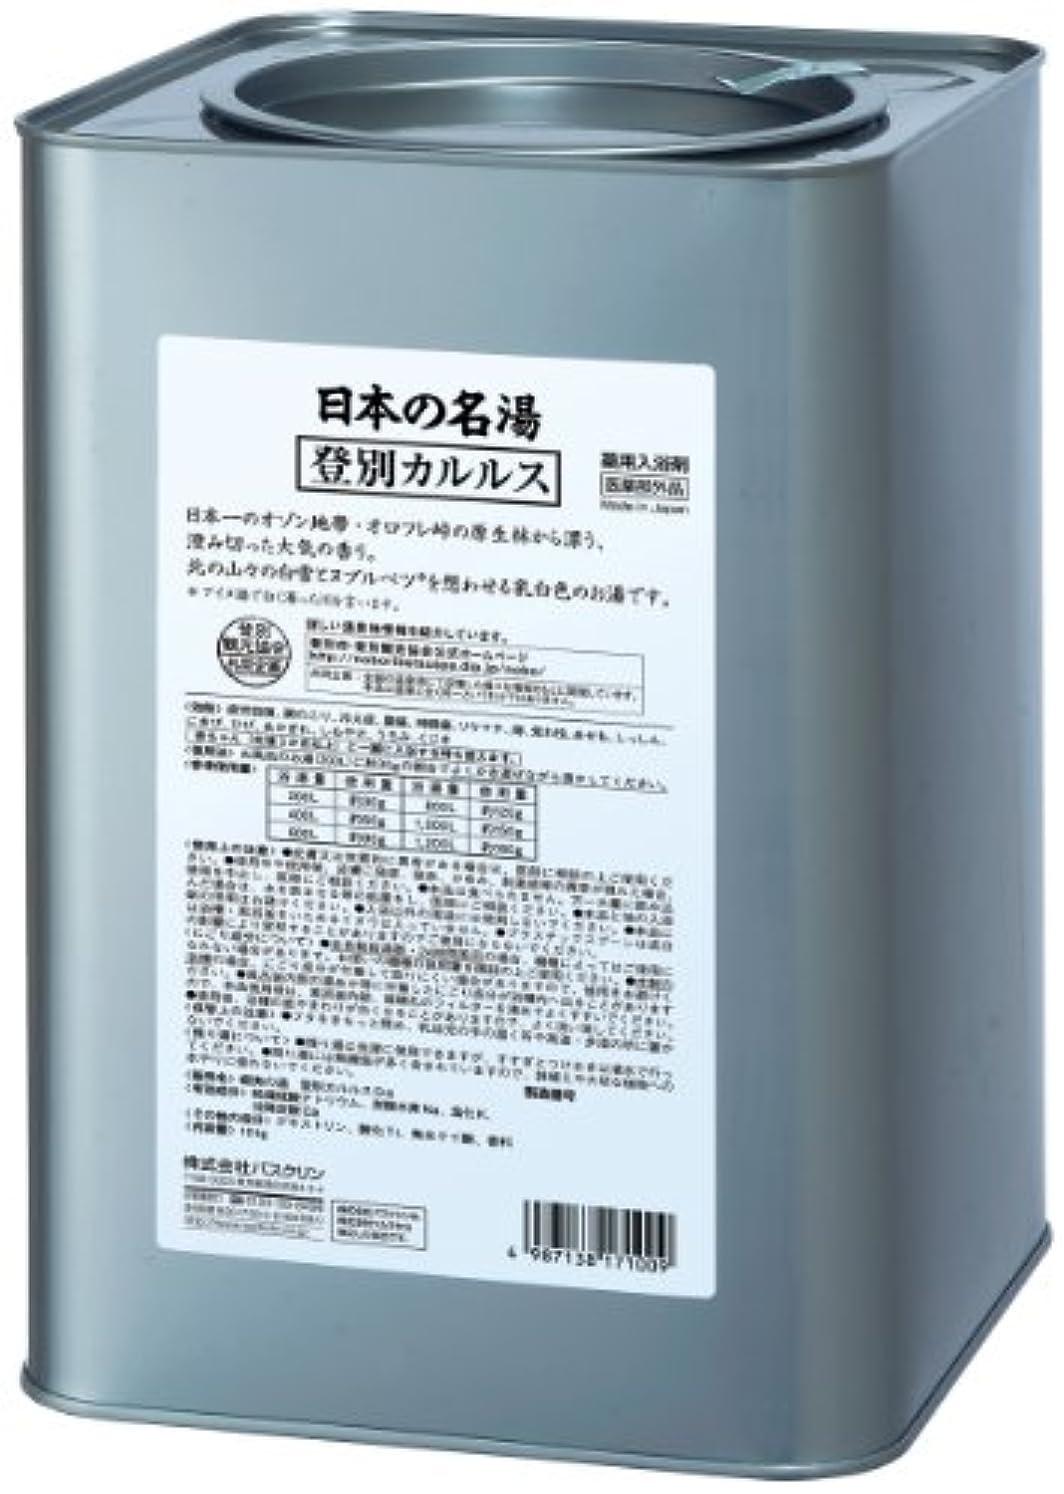 ビスケット立ち寄る理解する【医薬部外品/業務用】日本の名湯入浴剤 登別カルルス(北海道)10kg 大容量 温泉成分 温泉タイプ